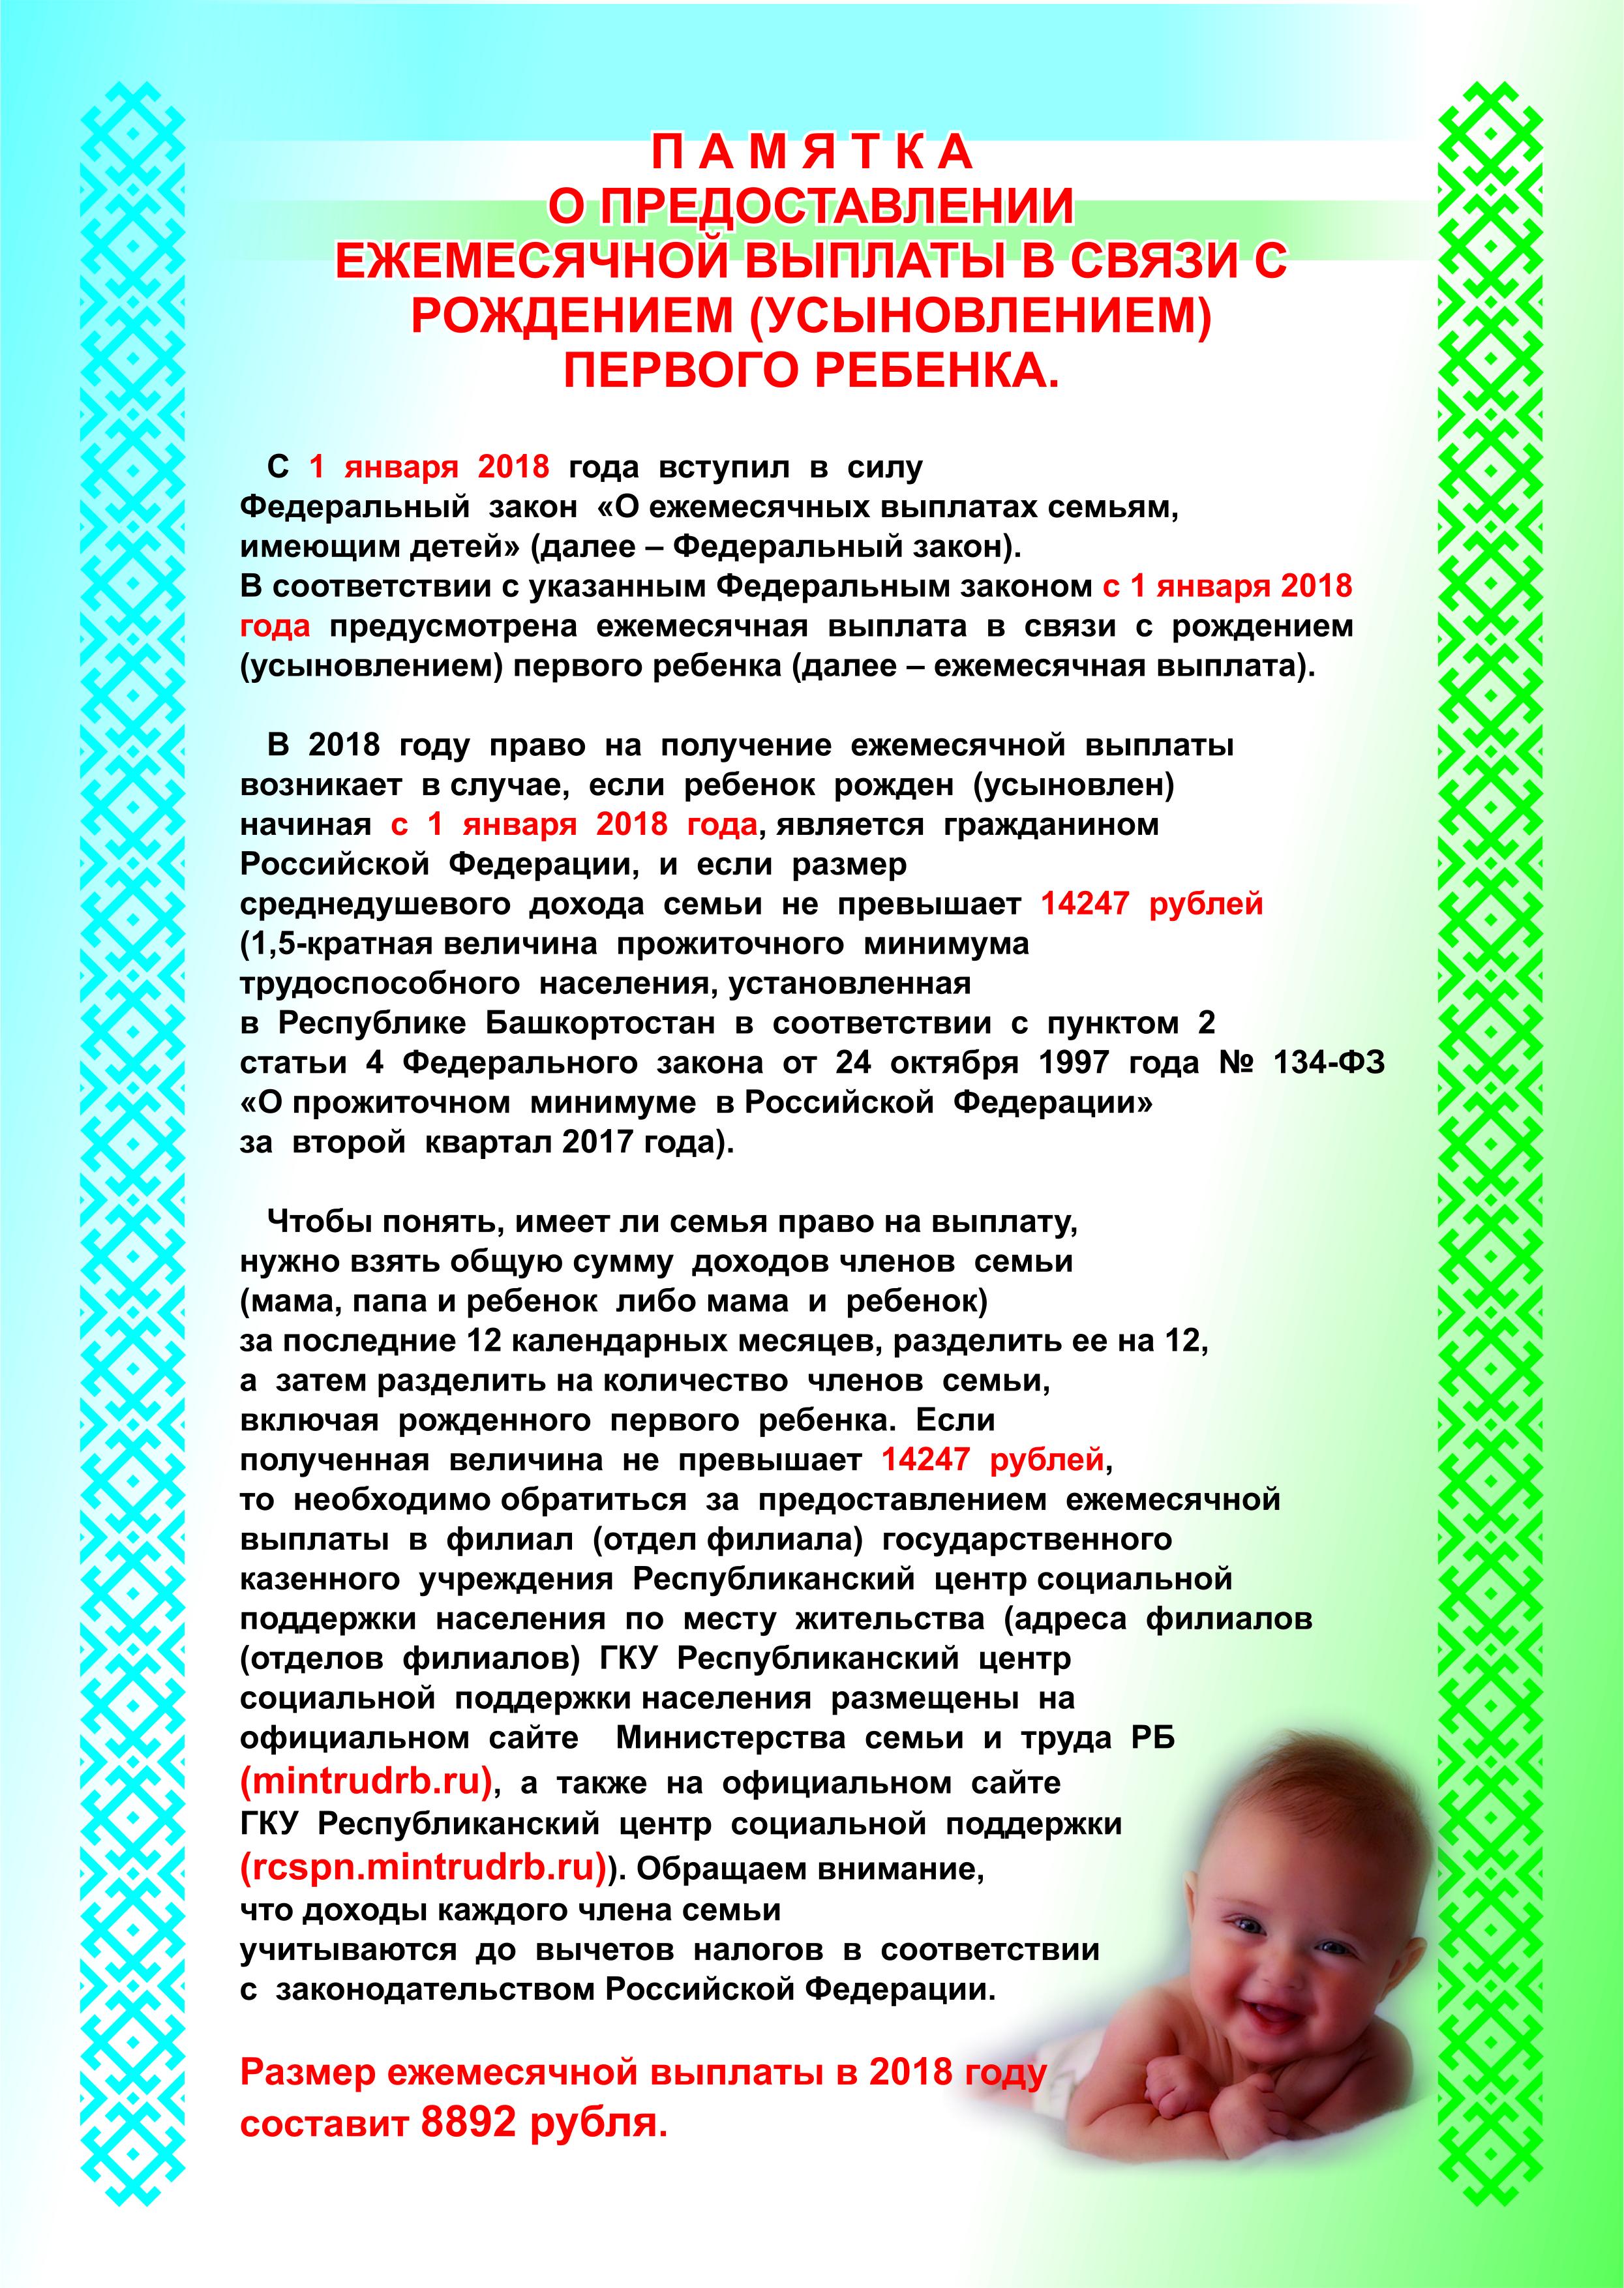 Выплаты за первого ребенка в 2018 году: последние новости